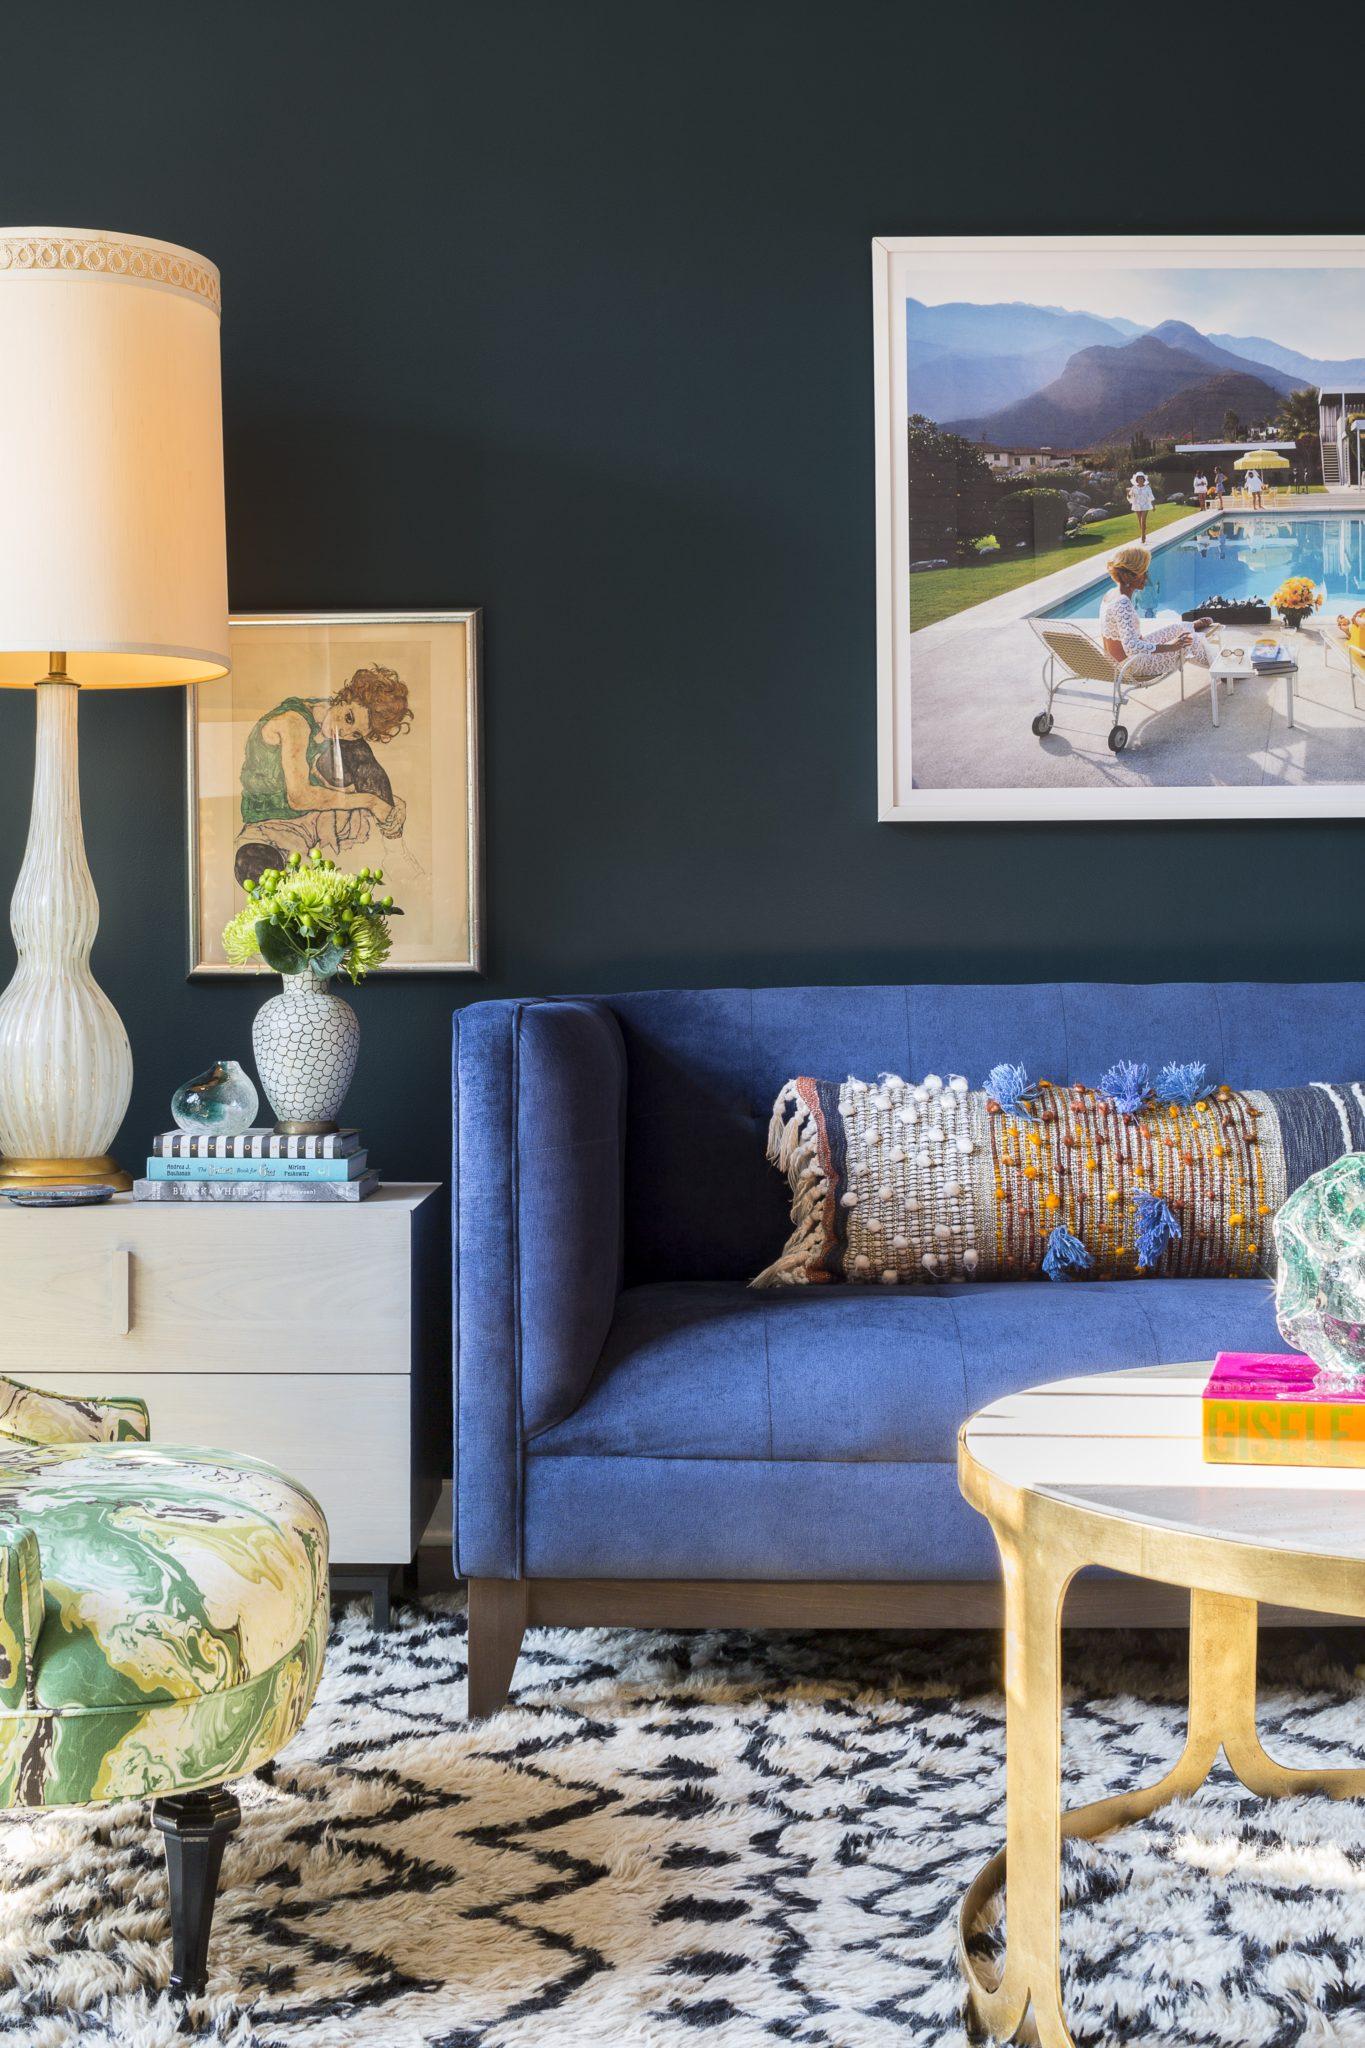 Cùng chiêm ngưỡng vẻ đẹp khó cưỡng của những căn phòng khách mang phong cách đương đại - Ảnh 12.